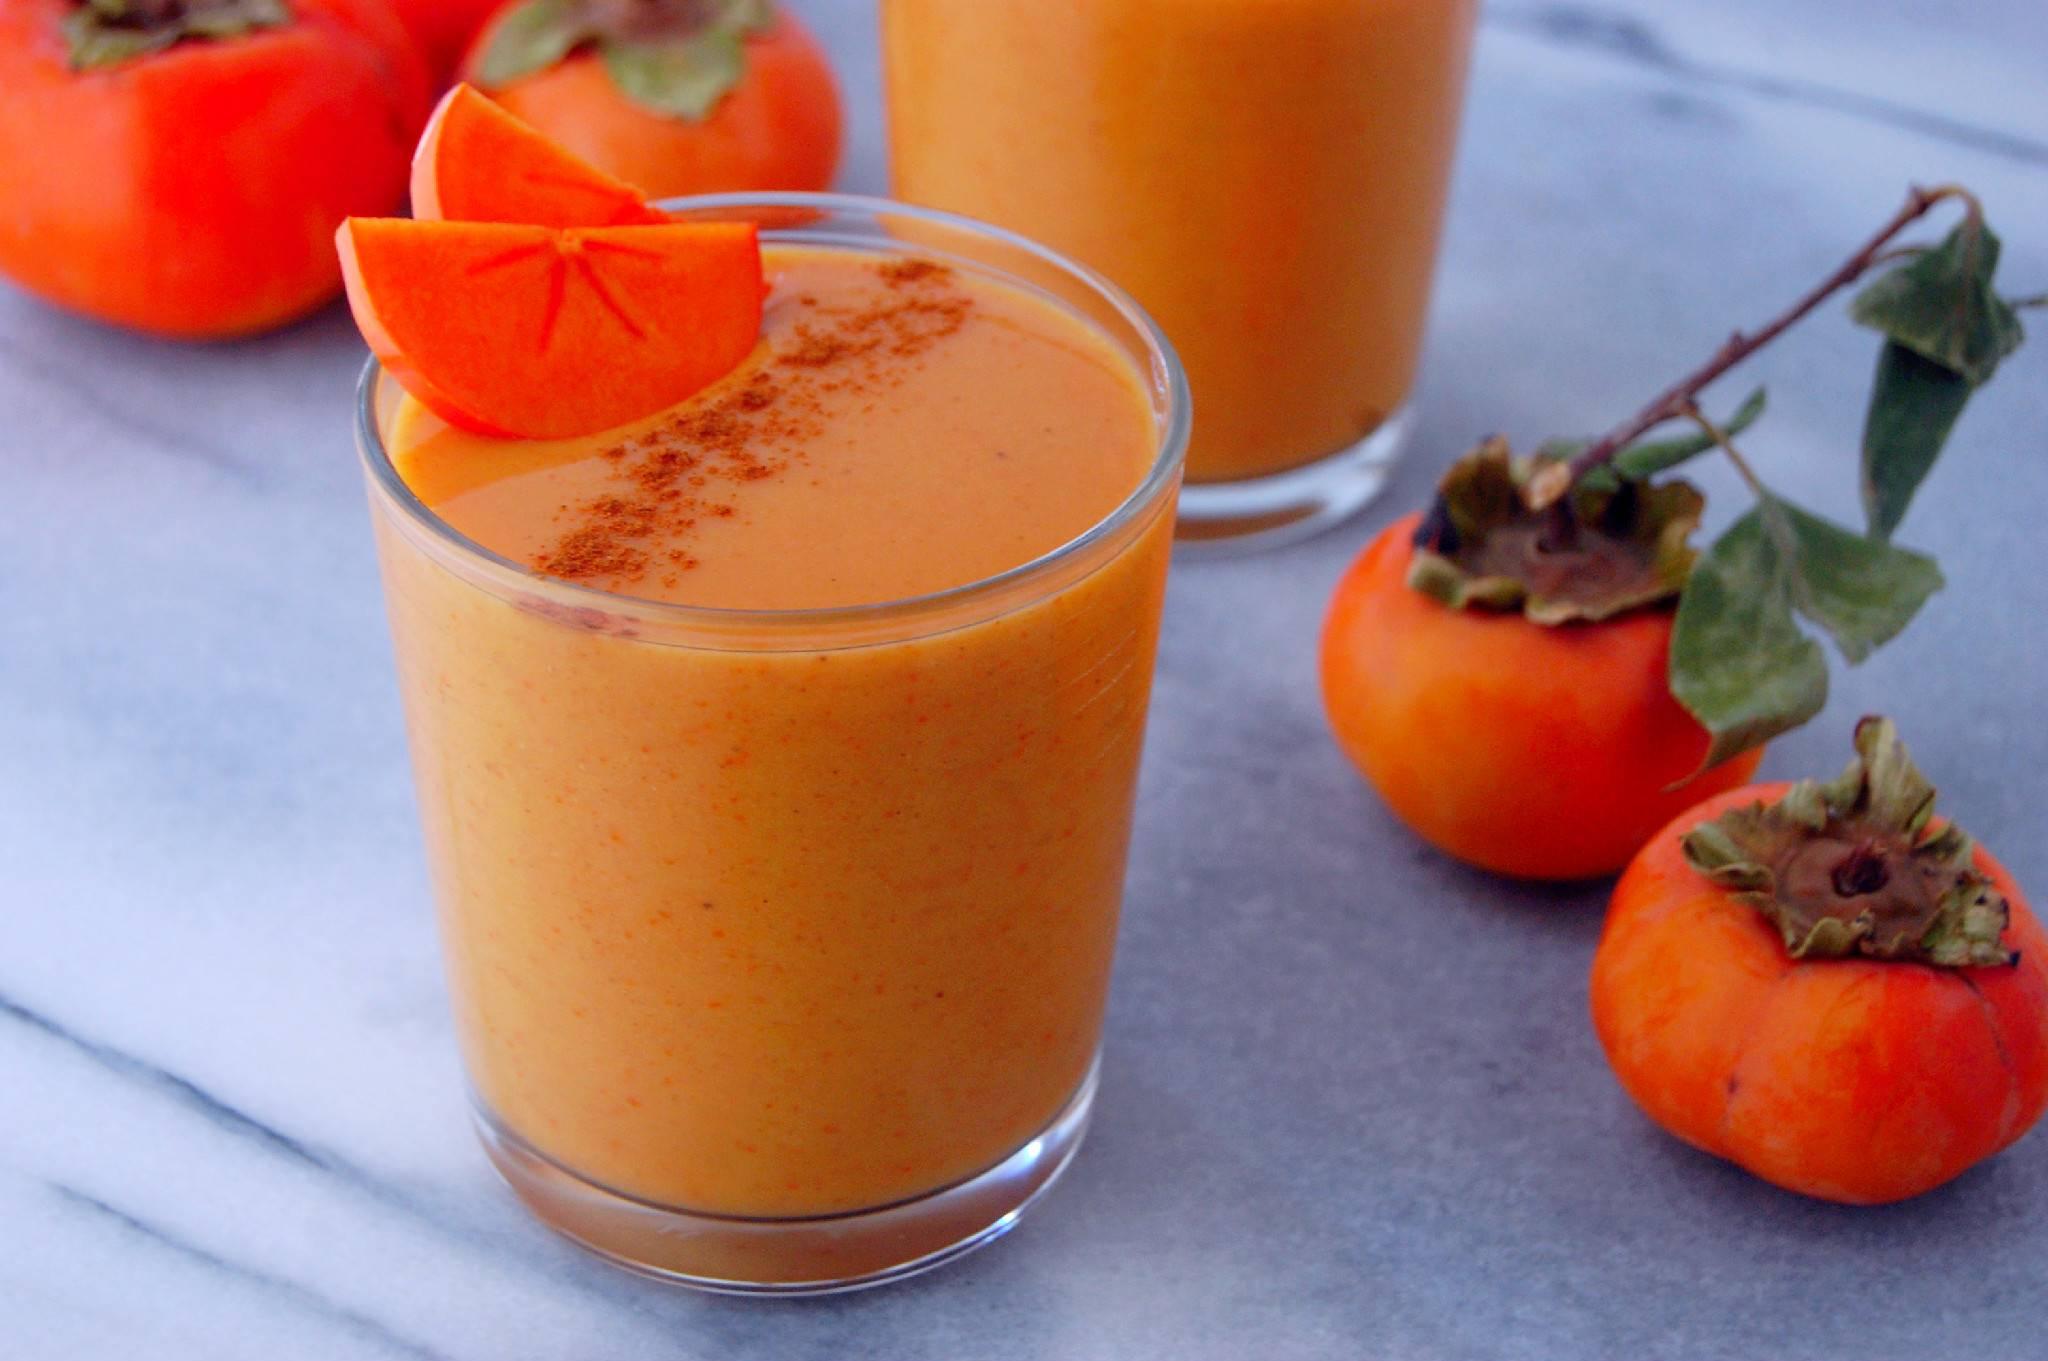 Лучшие рецепты смузи из ягод и фруктов: вкусные сочетания. как сделать смузи дома в блендере из фруктов для детей, для завтрака, обеда, ужина, на ночь, для похудения? вкусные и полезные рецепты смузи из свежих и замороженных фруктов и ягод